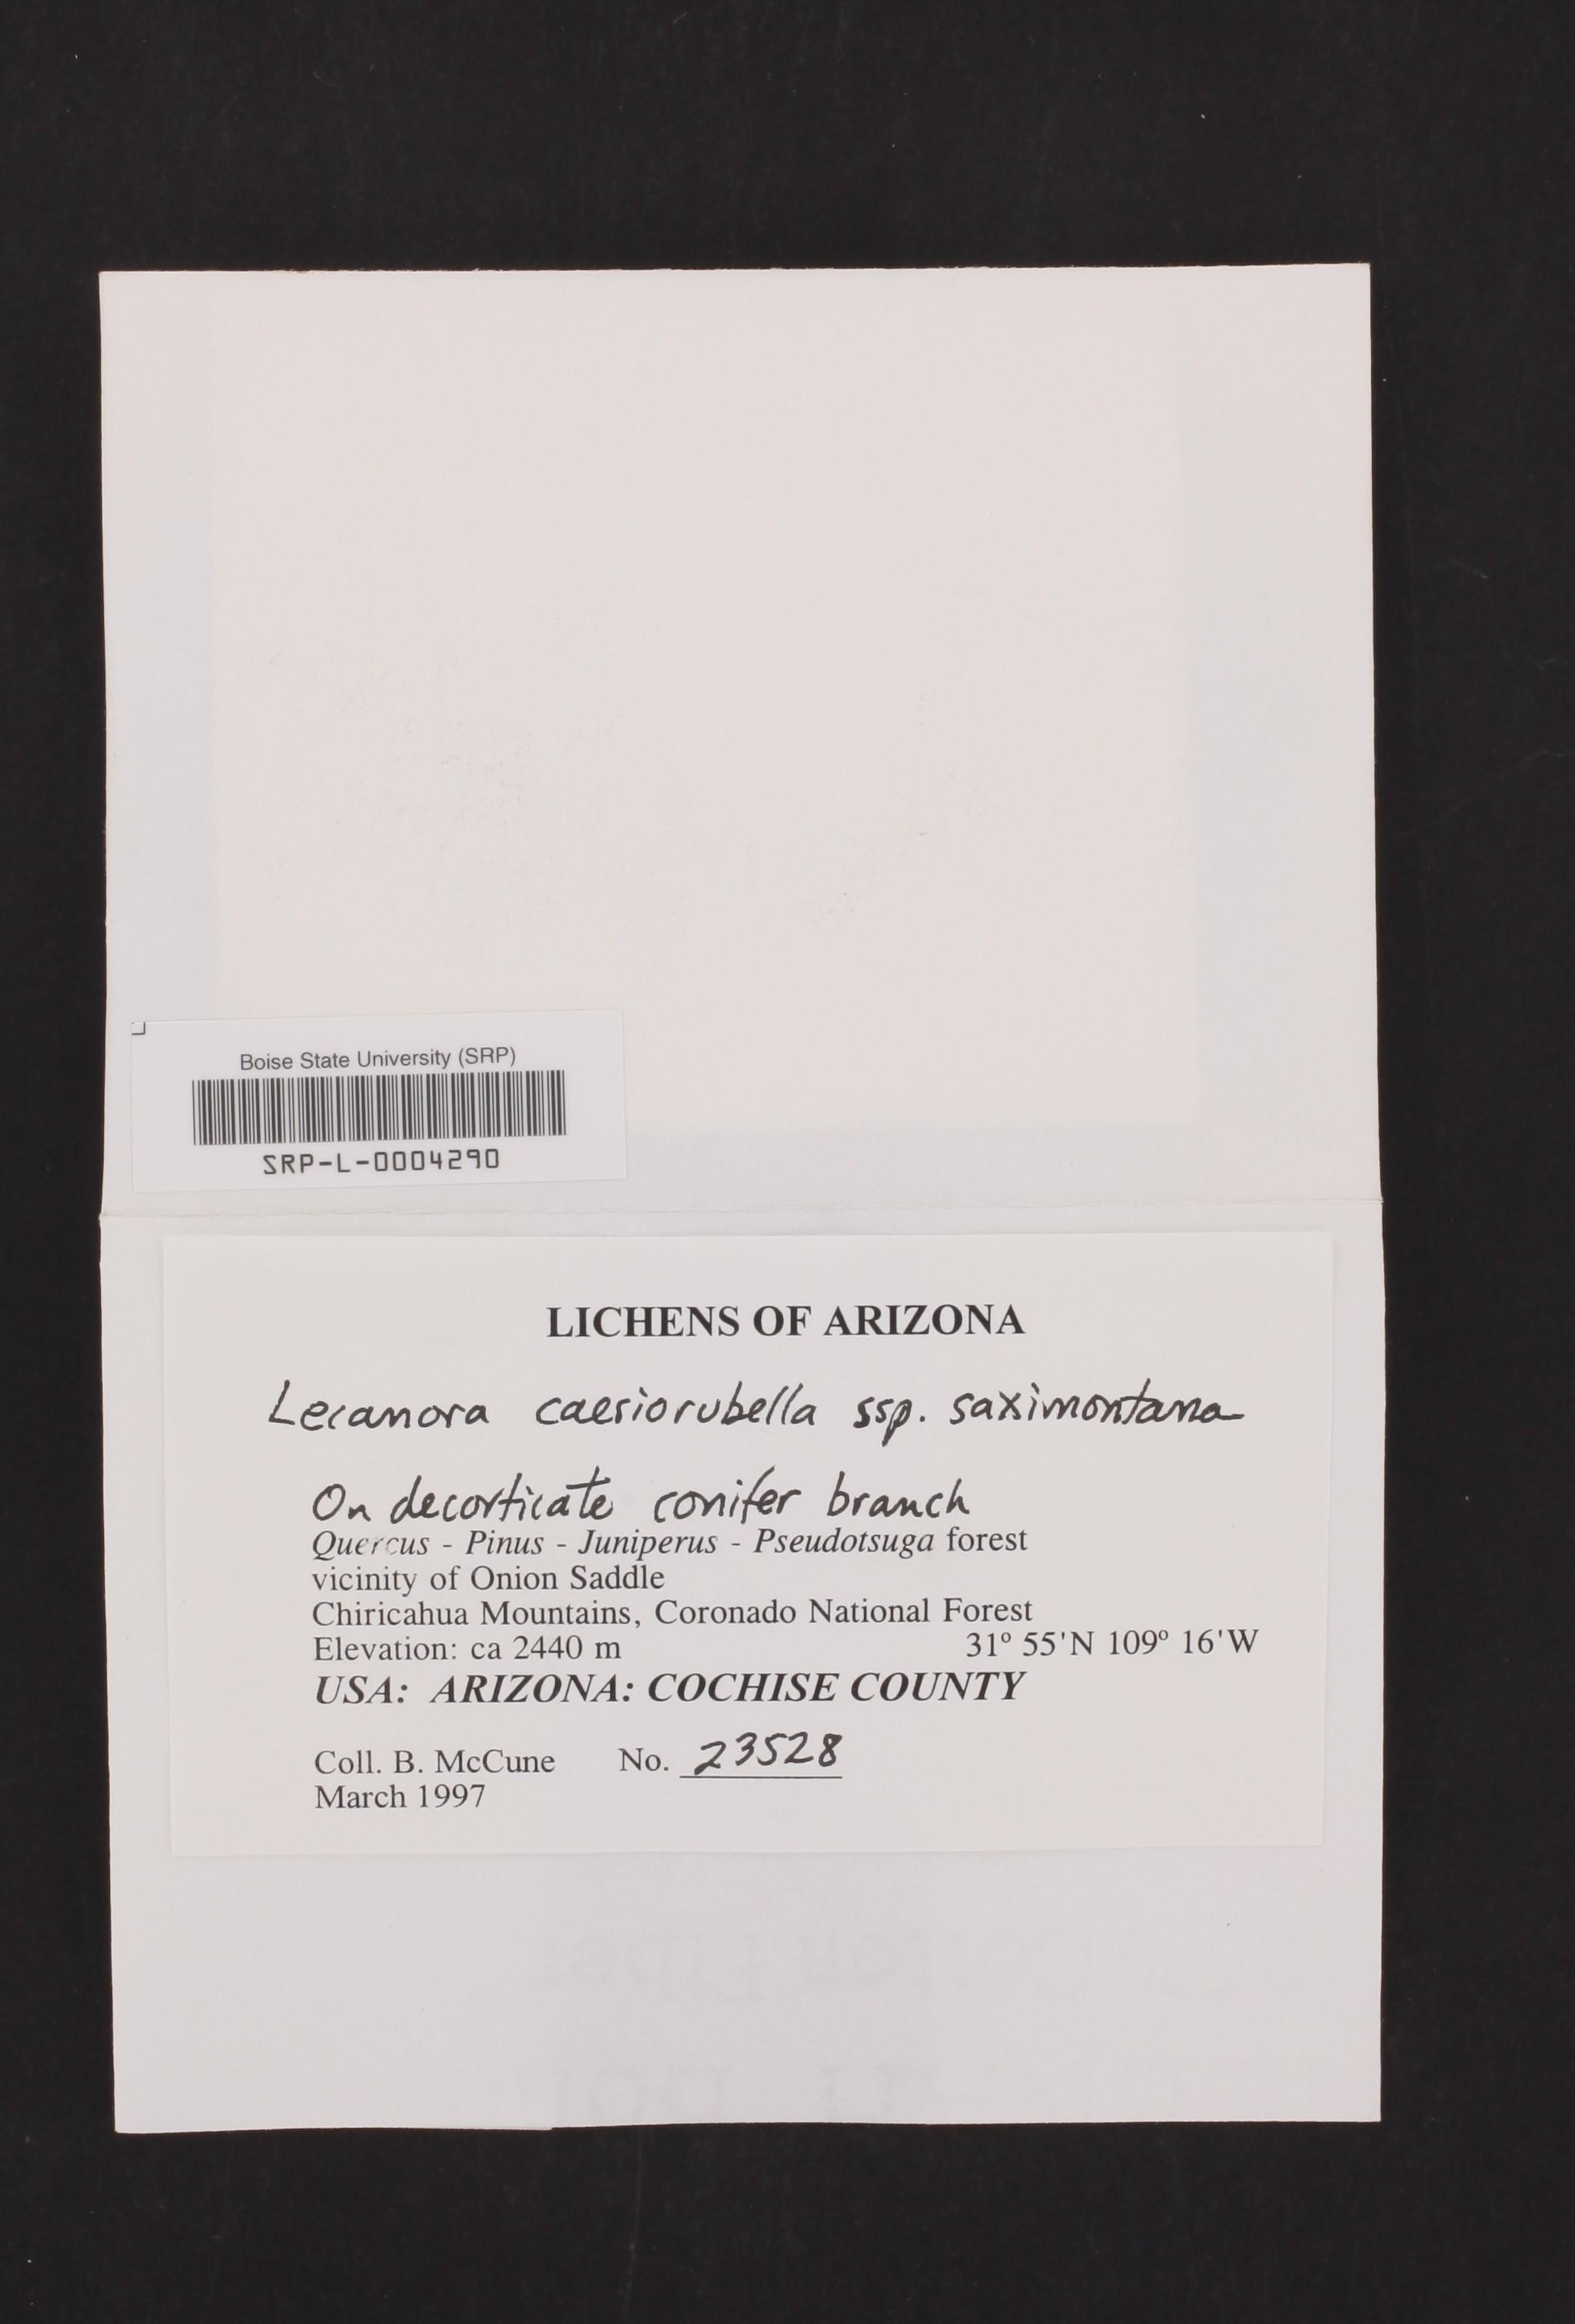 Lecanora caesiorubella subsp. saximontana image